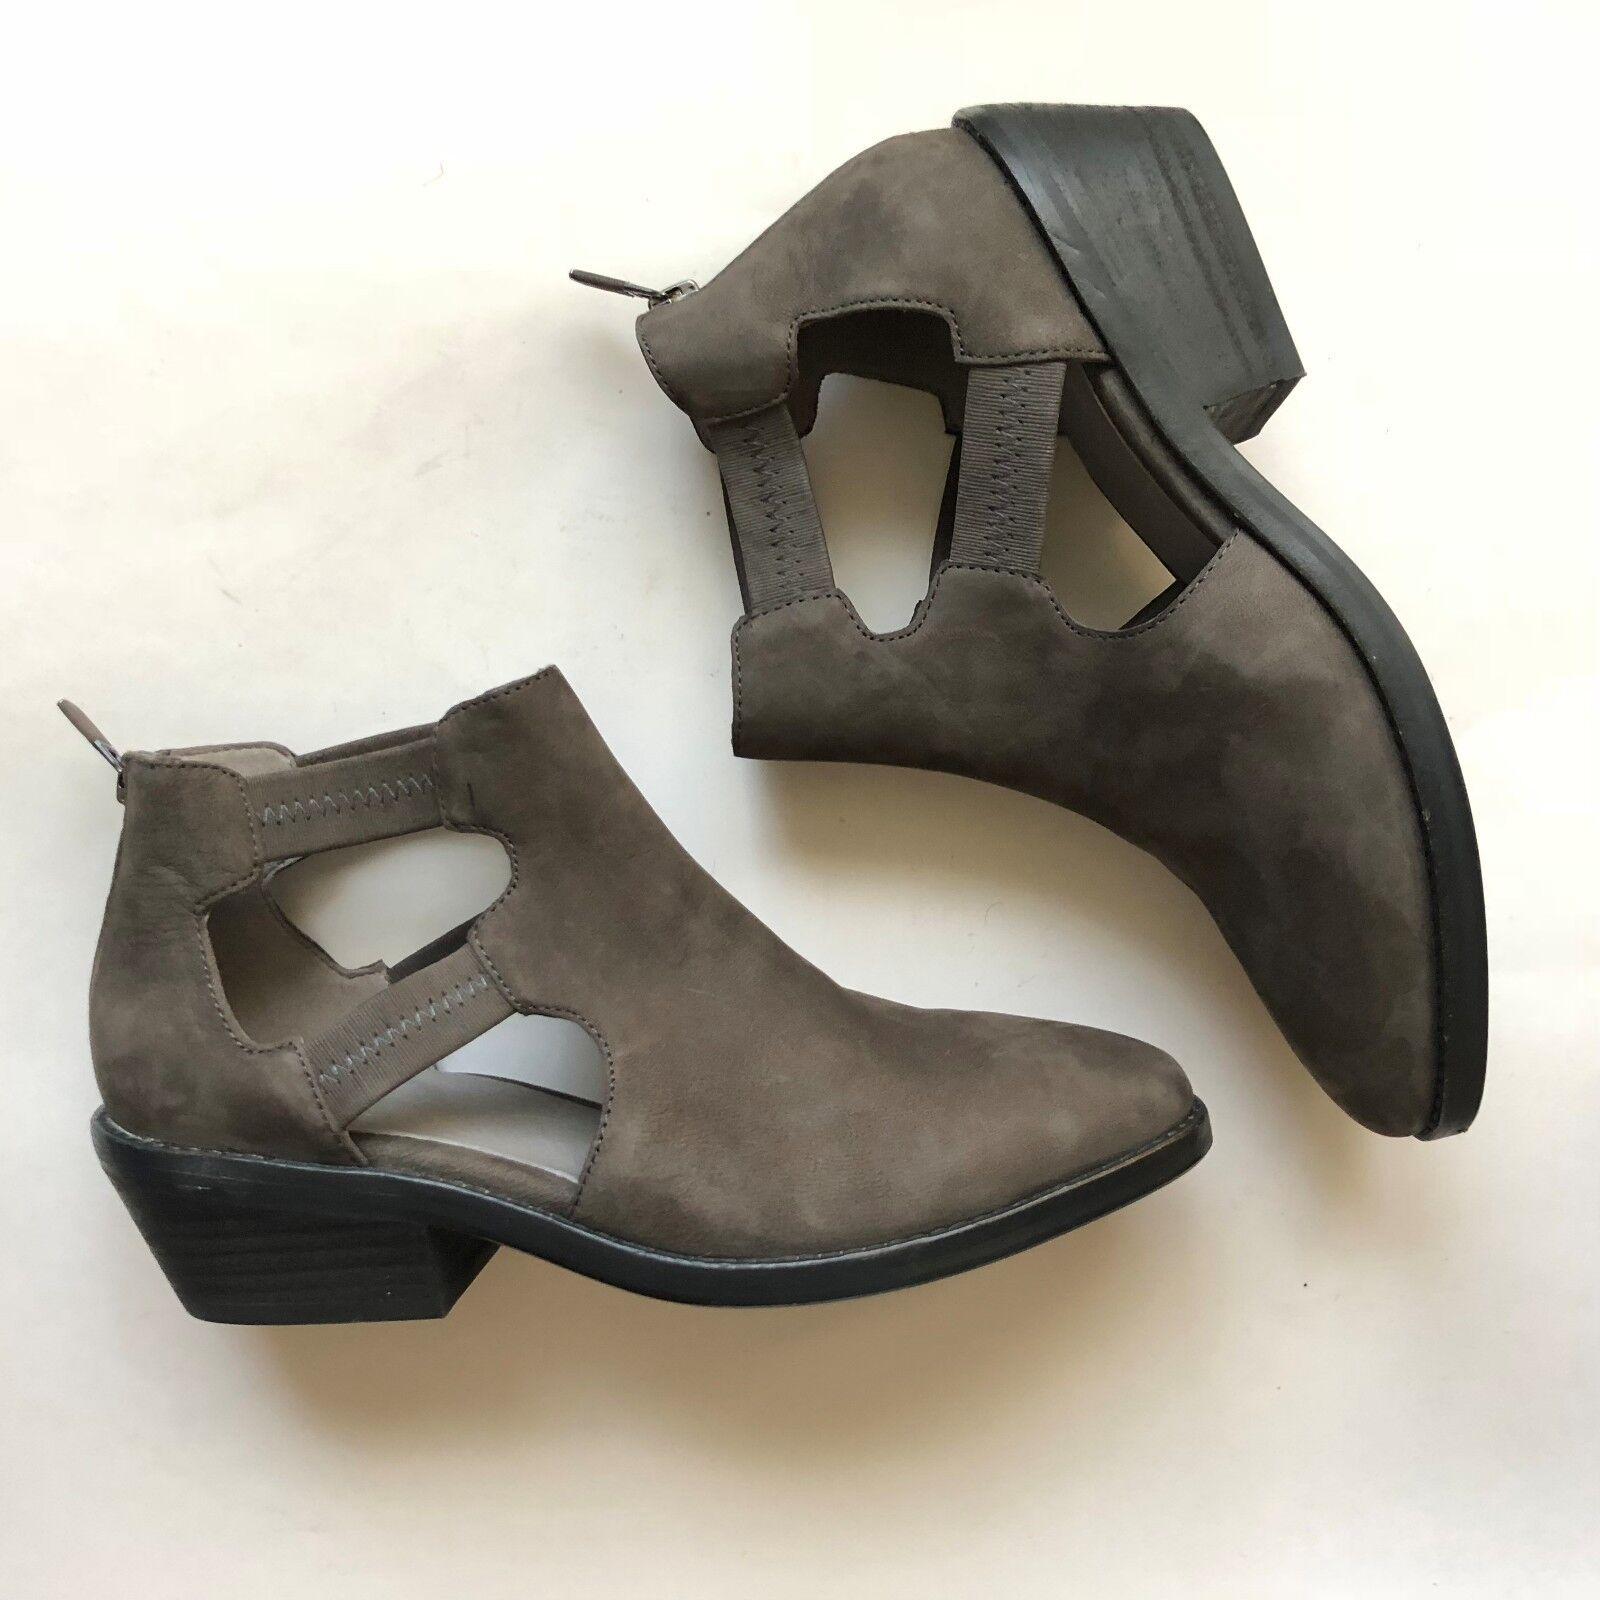 Eileen Fisher Tobillo de de de Cuero para Mujer Vanda recorte Botín gris Casual Comfort Talla 7 95a98a